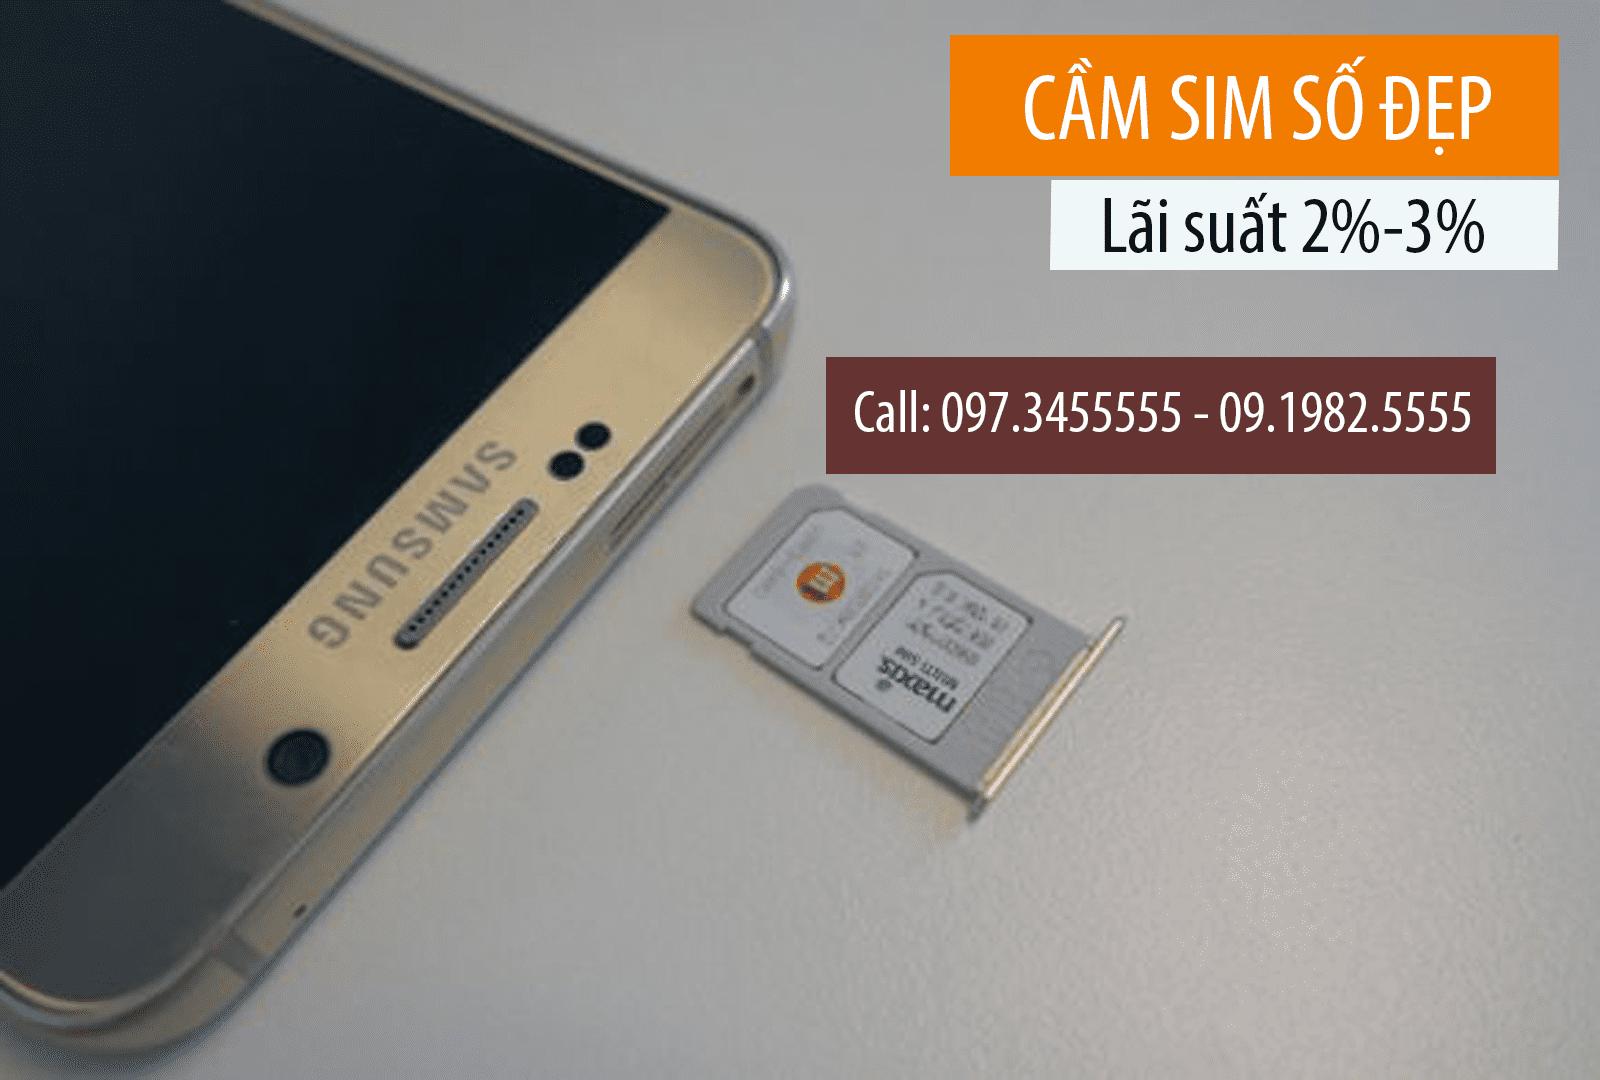 Muốn vay vốn với thủ tục nhanh chóng tại Hà Nội? Tìm dịch vụ cầm sim điện thoại Camsimvip ngay!